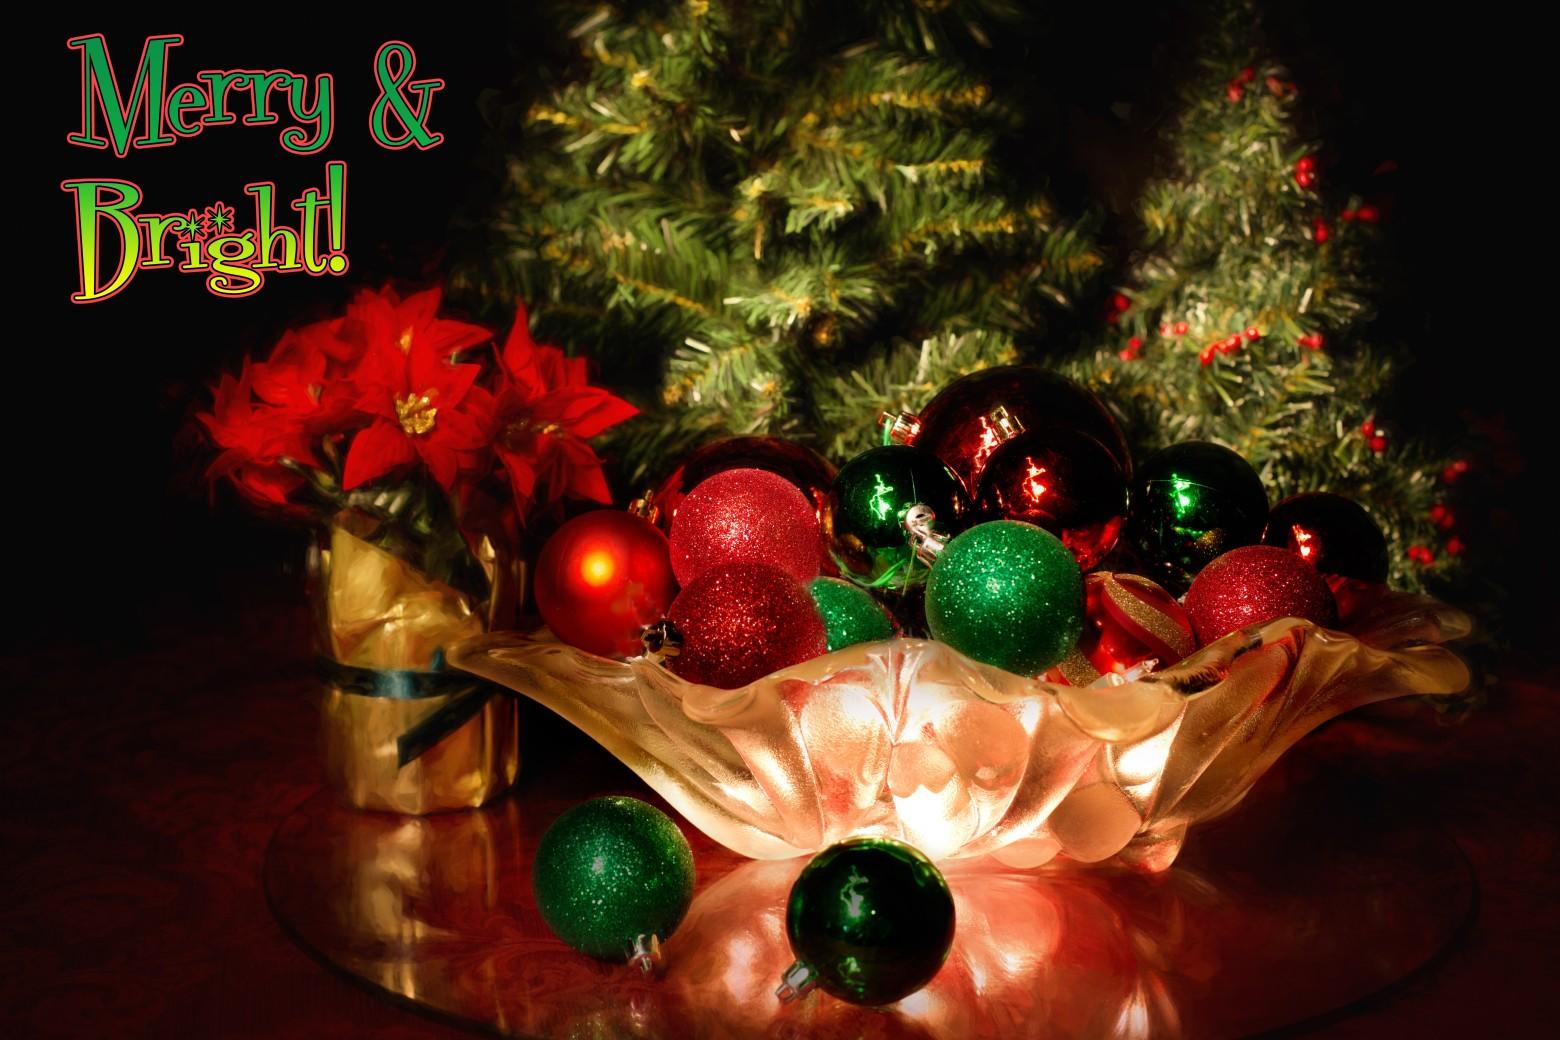 Photos gratuites noel f te d coration nouvel an images gratuites et libres - Decoration nouvel an ...